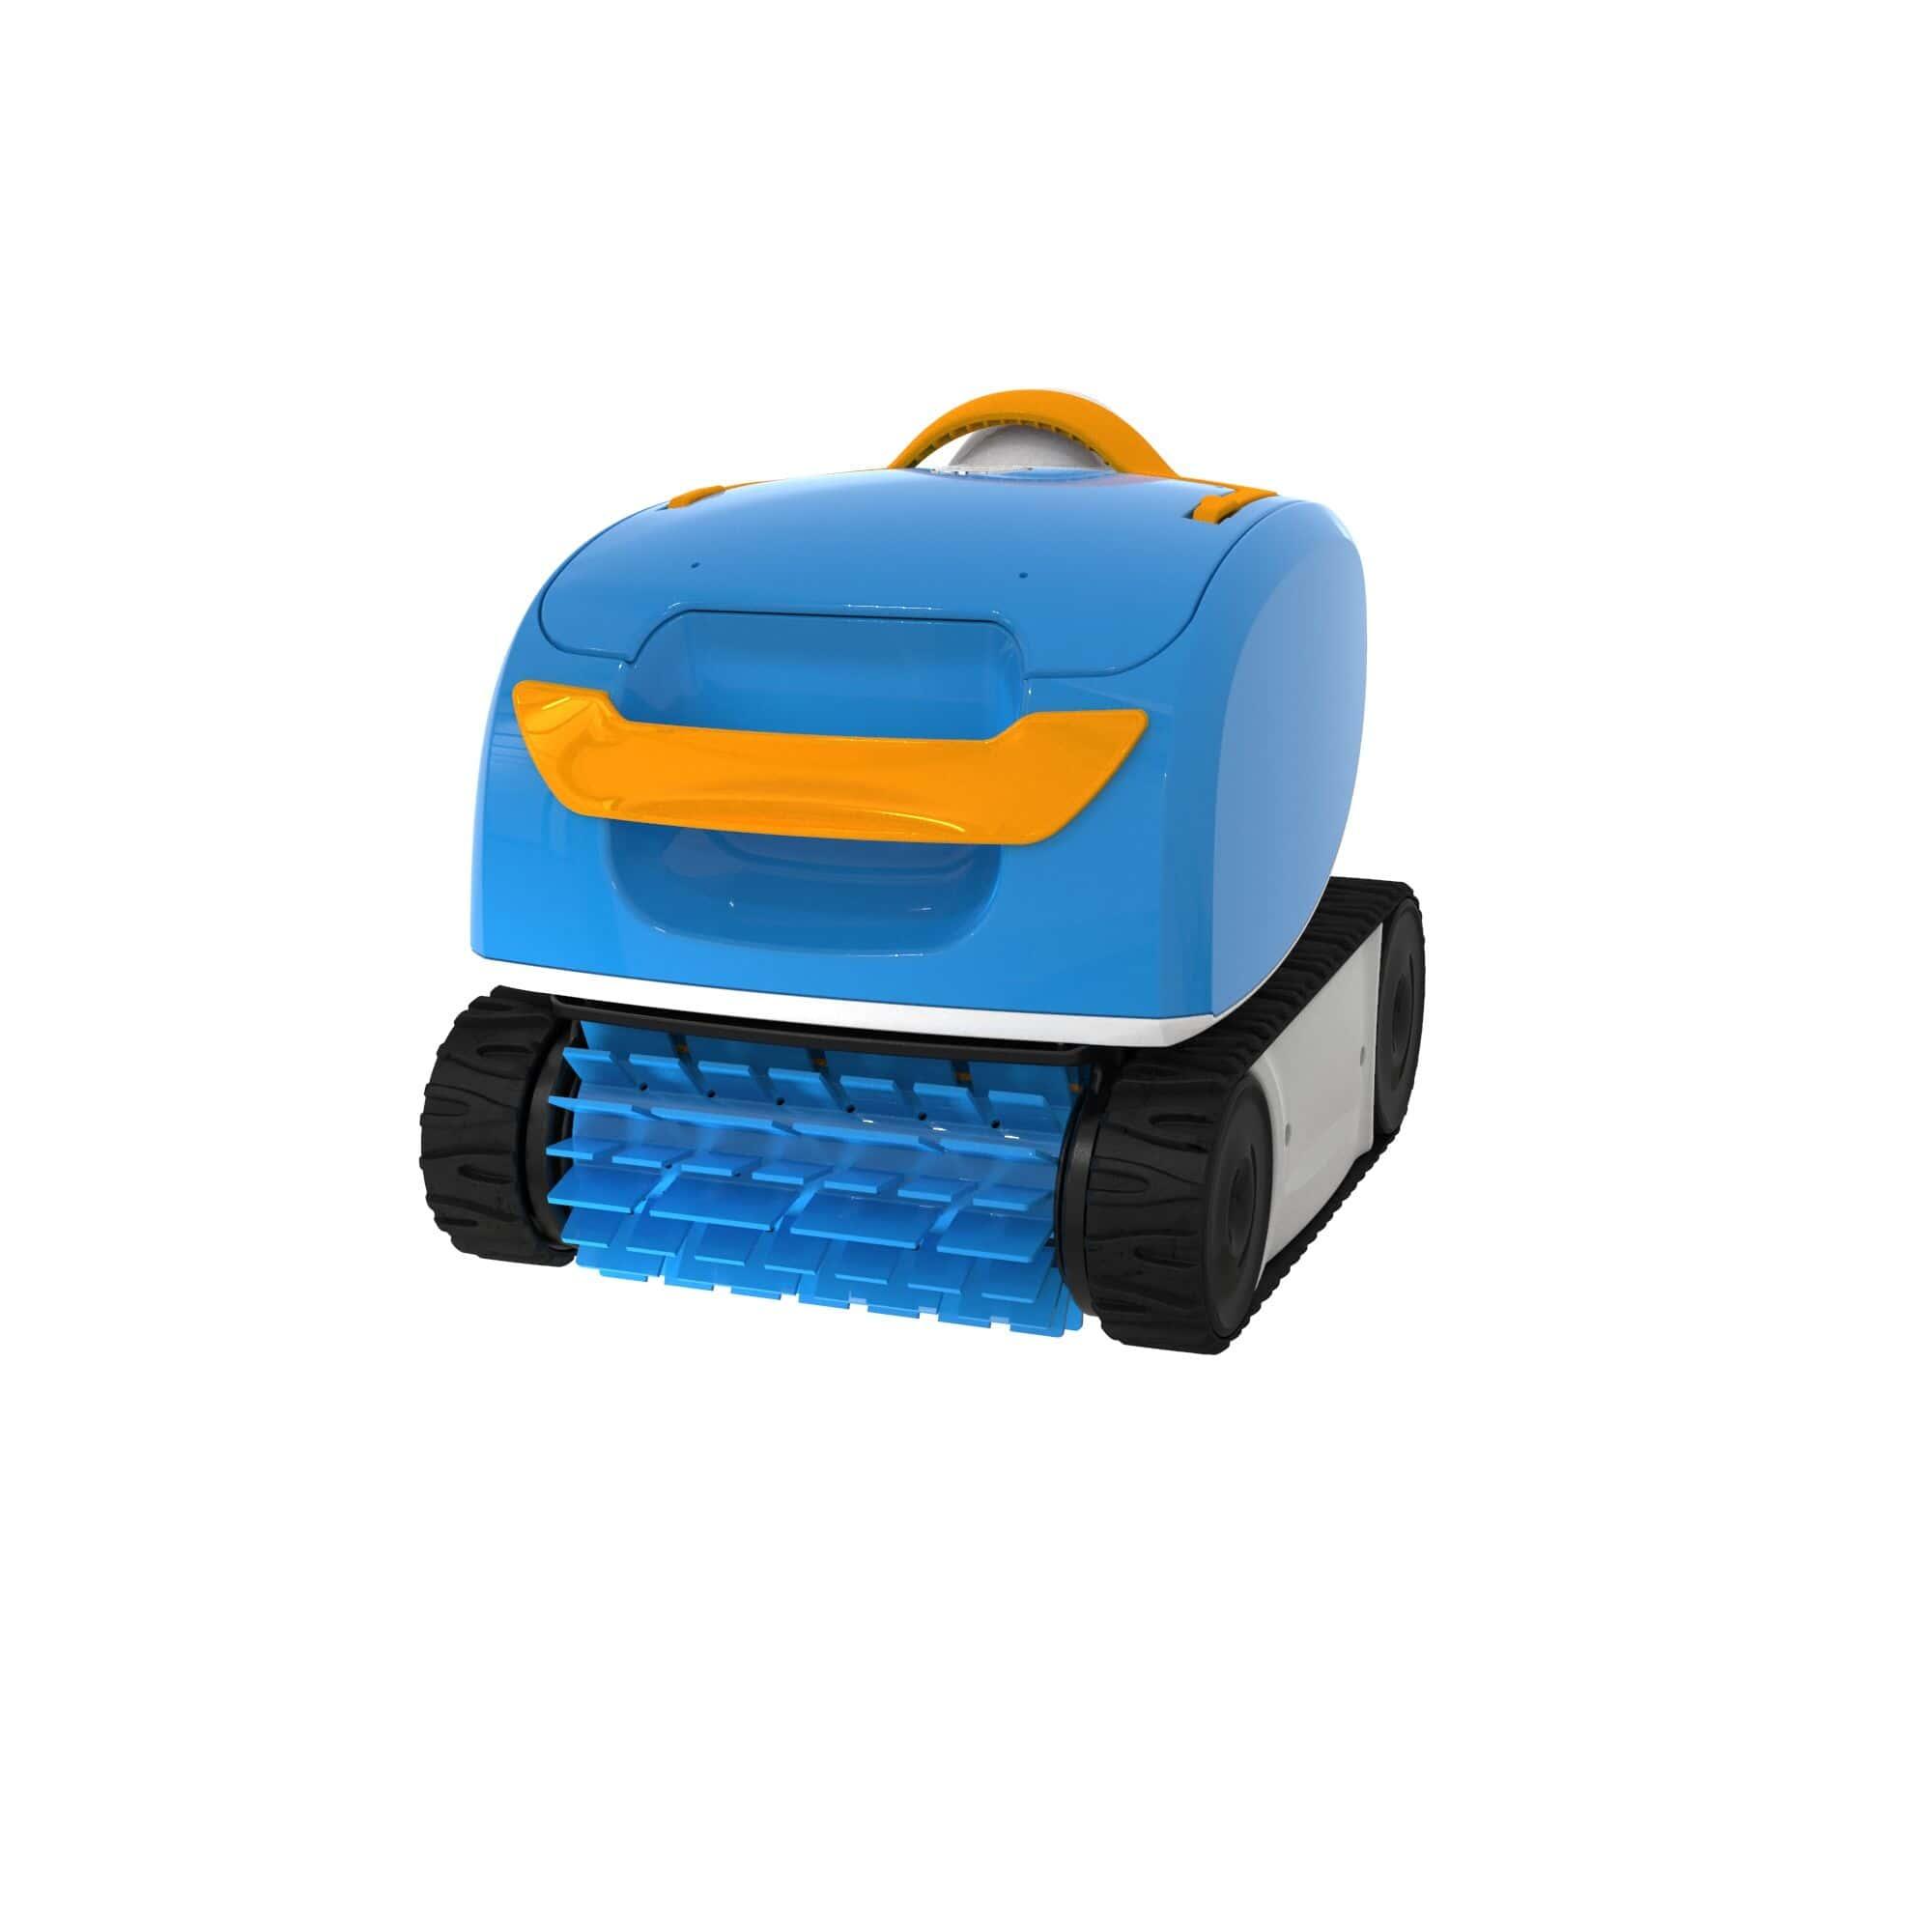 Aqua Products Sol above ground pool vacuum